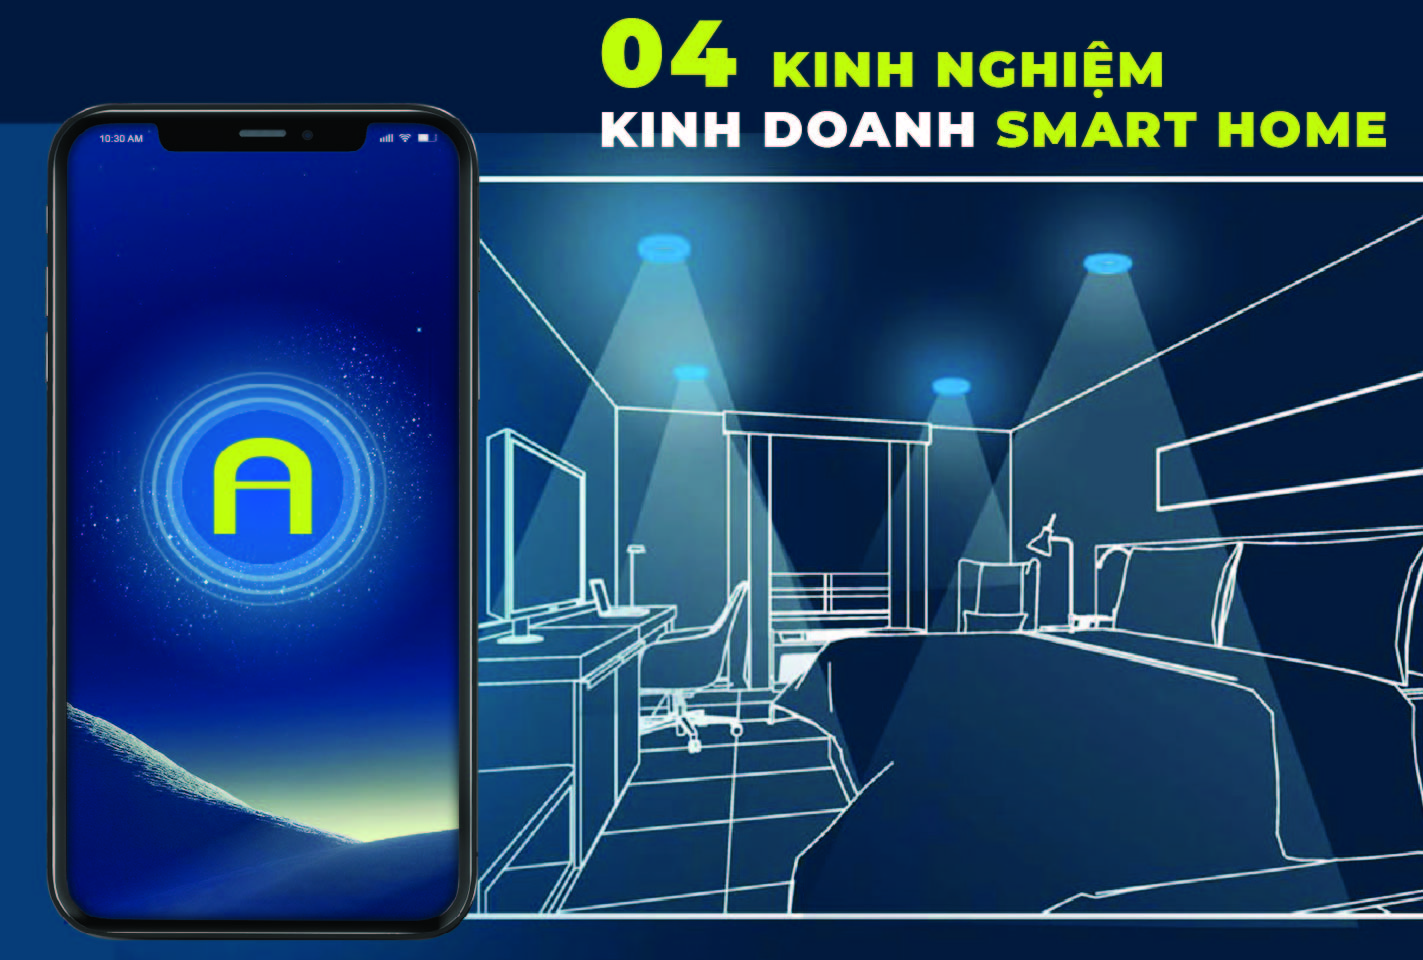 04 Kinh nghiệm kinh doanh thiết bị nhà thông minh